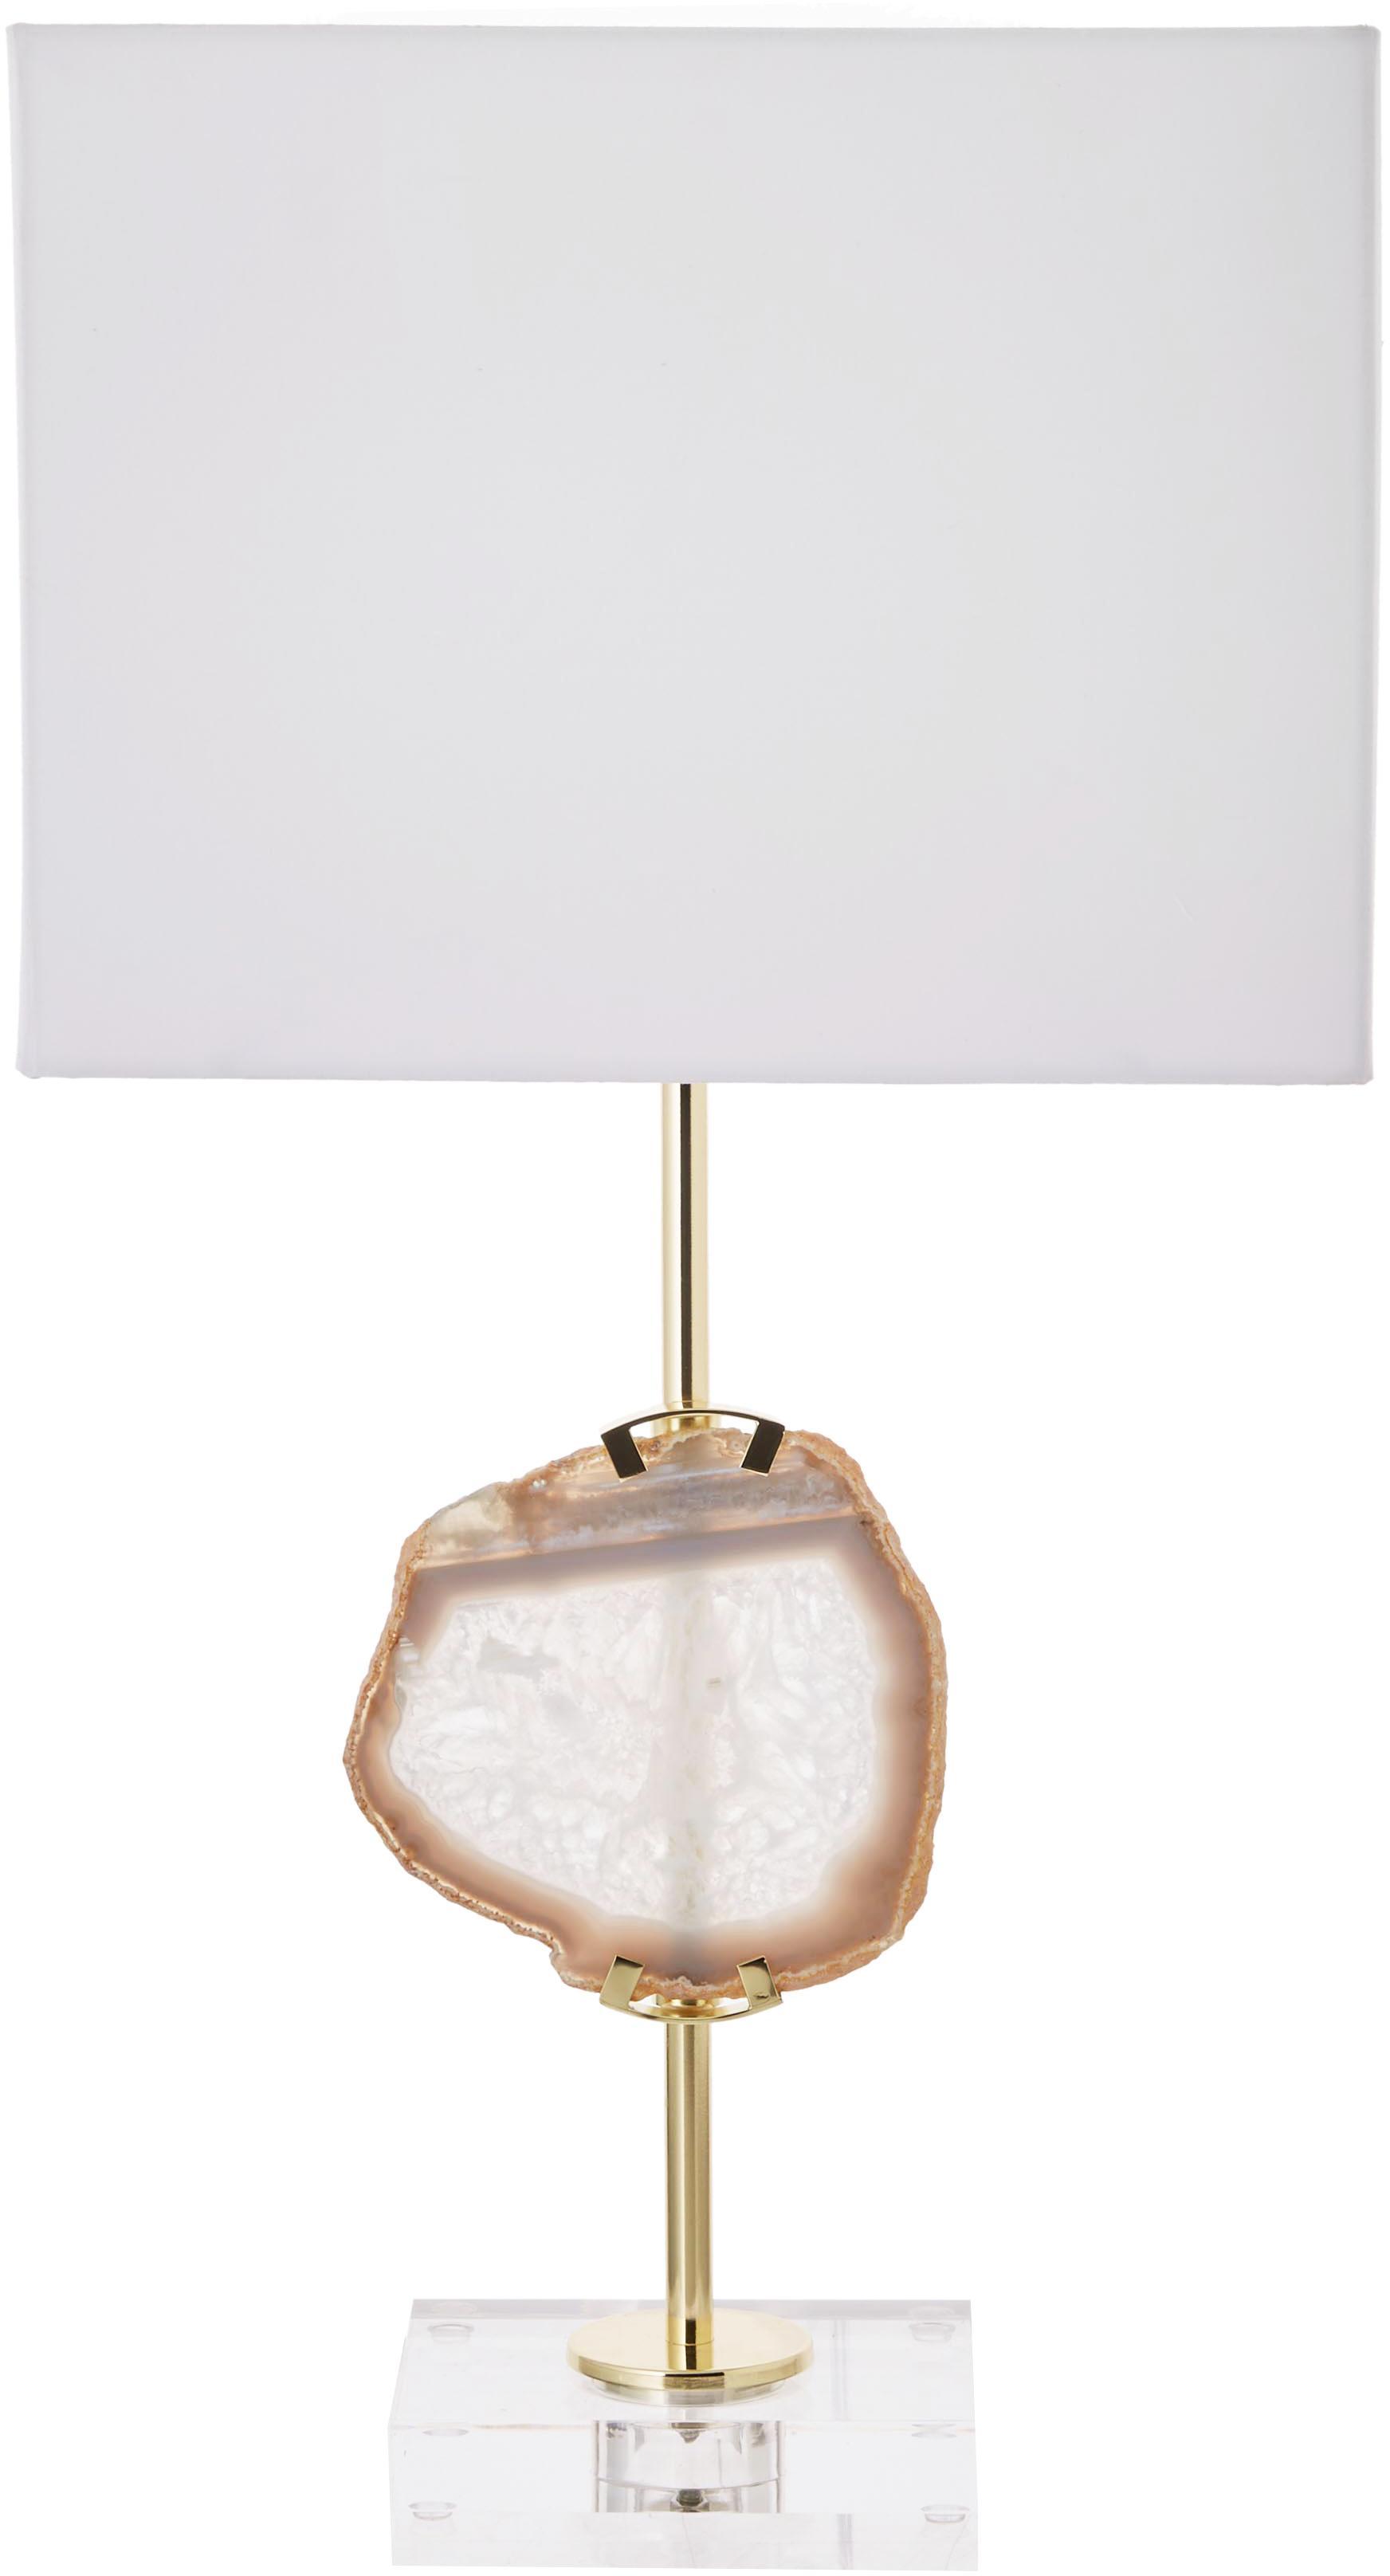 Lámpara de mesa grande con piedra ágata Treasure, estilo glam, Pantalla: mezcla de algodón, Cable: plástico, Transparente, dorado, ágata beige, blanco, An 33 x Al 62 cm